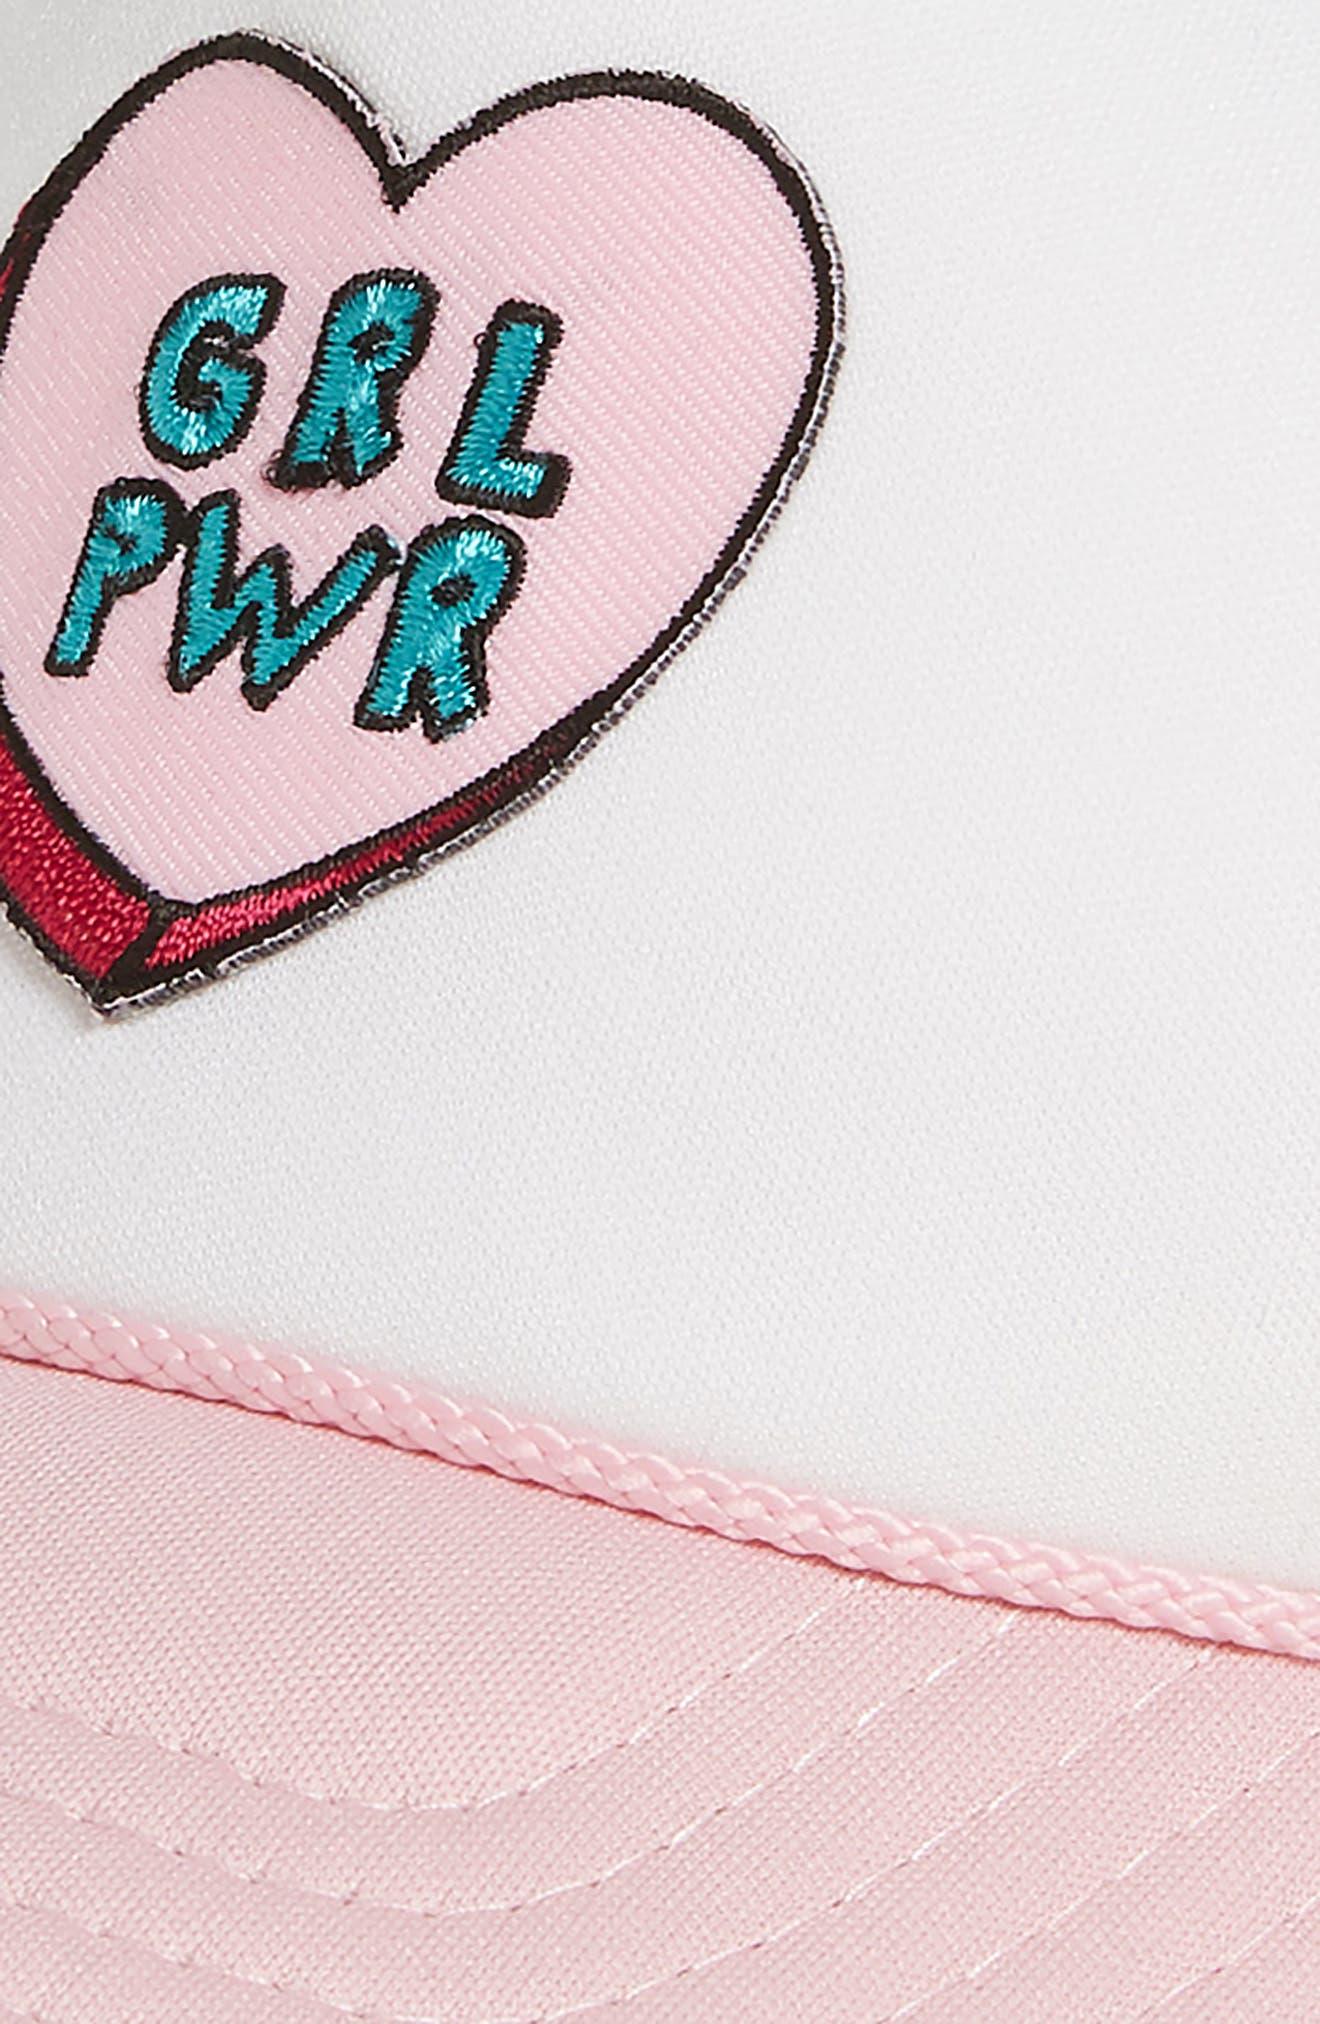 MOTHER TRUCKER & CO.,                             Girl Power Trucker Hat,                             Alternate thumbnail 3, color,                             LT PNK/ WHT